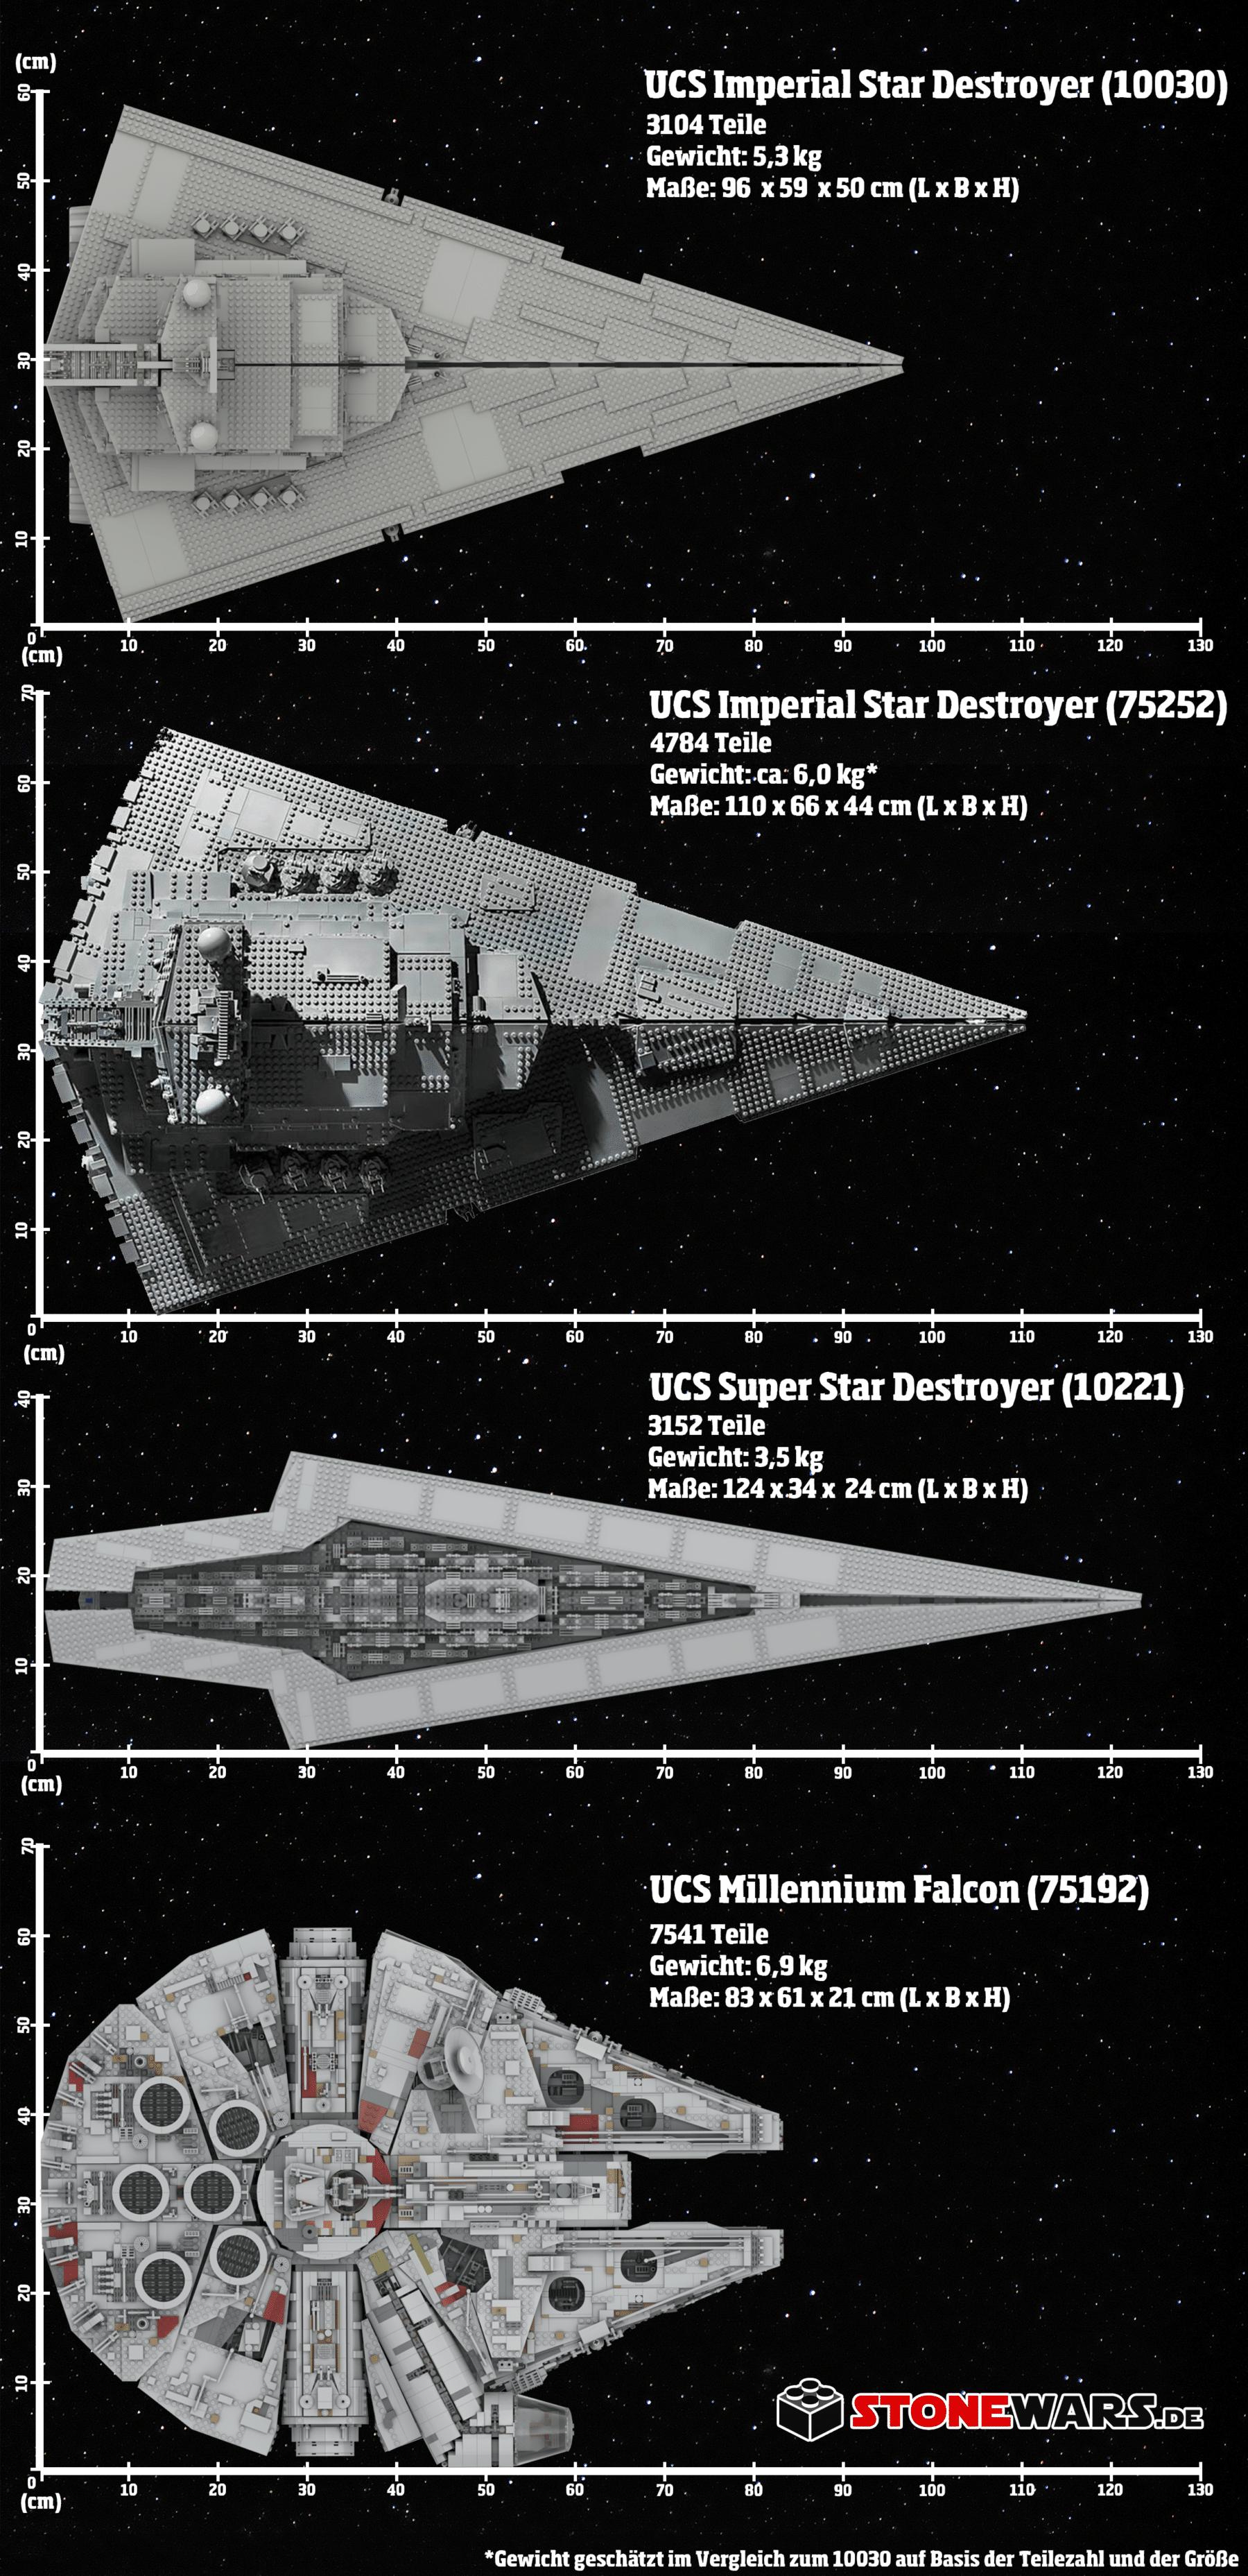 LEGO 75252 Größenvergleich mit 10030, 10221 und 75192